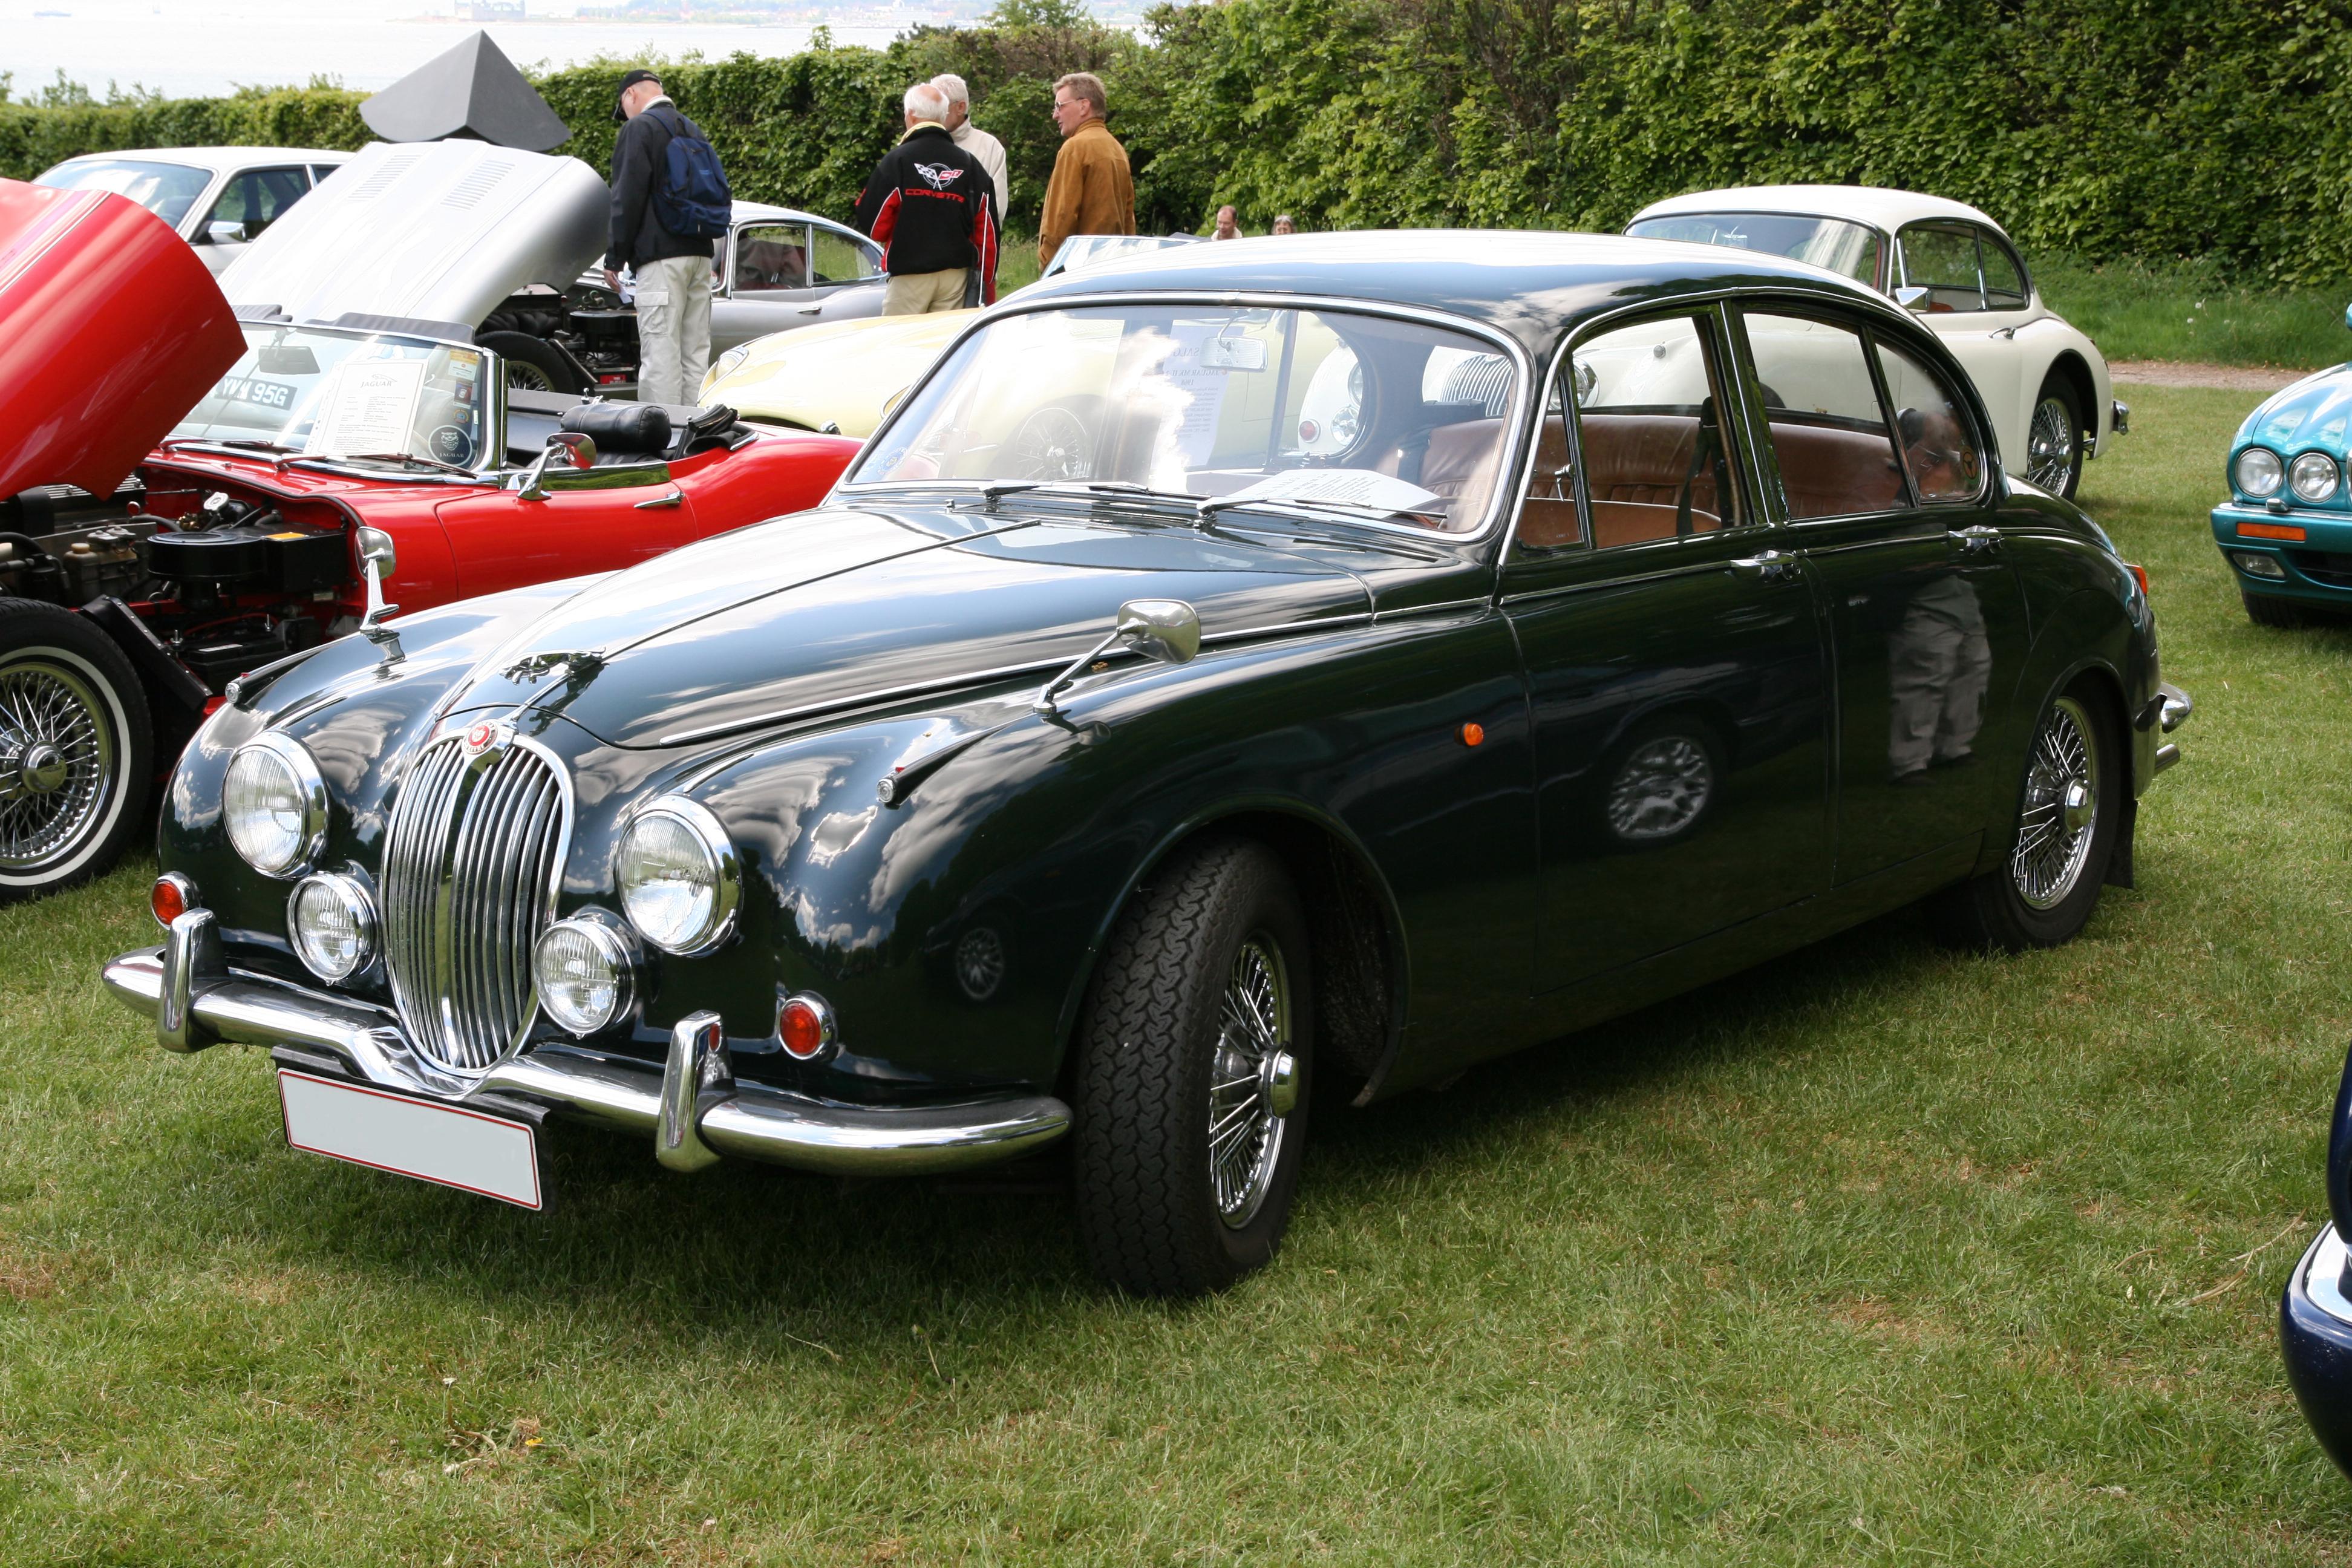 File:Jaguar 240 Mark II (1968) front left.jpg - Wikimedia ...